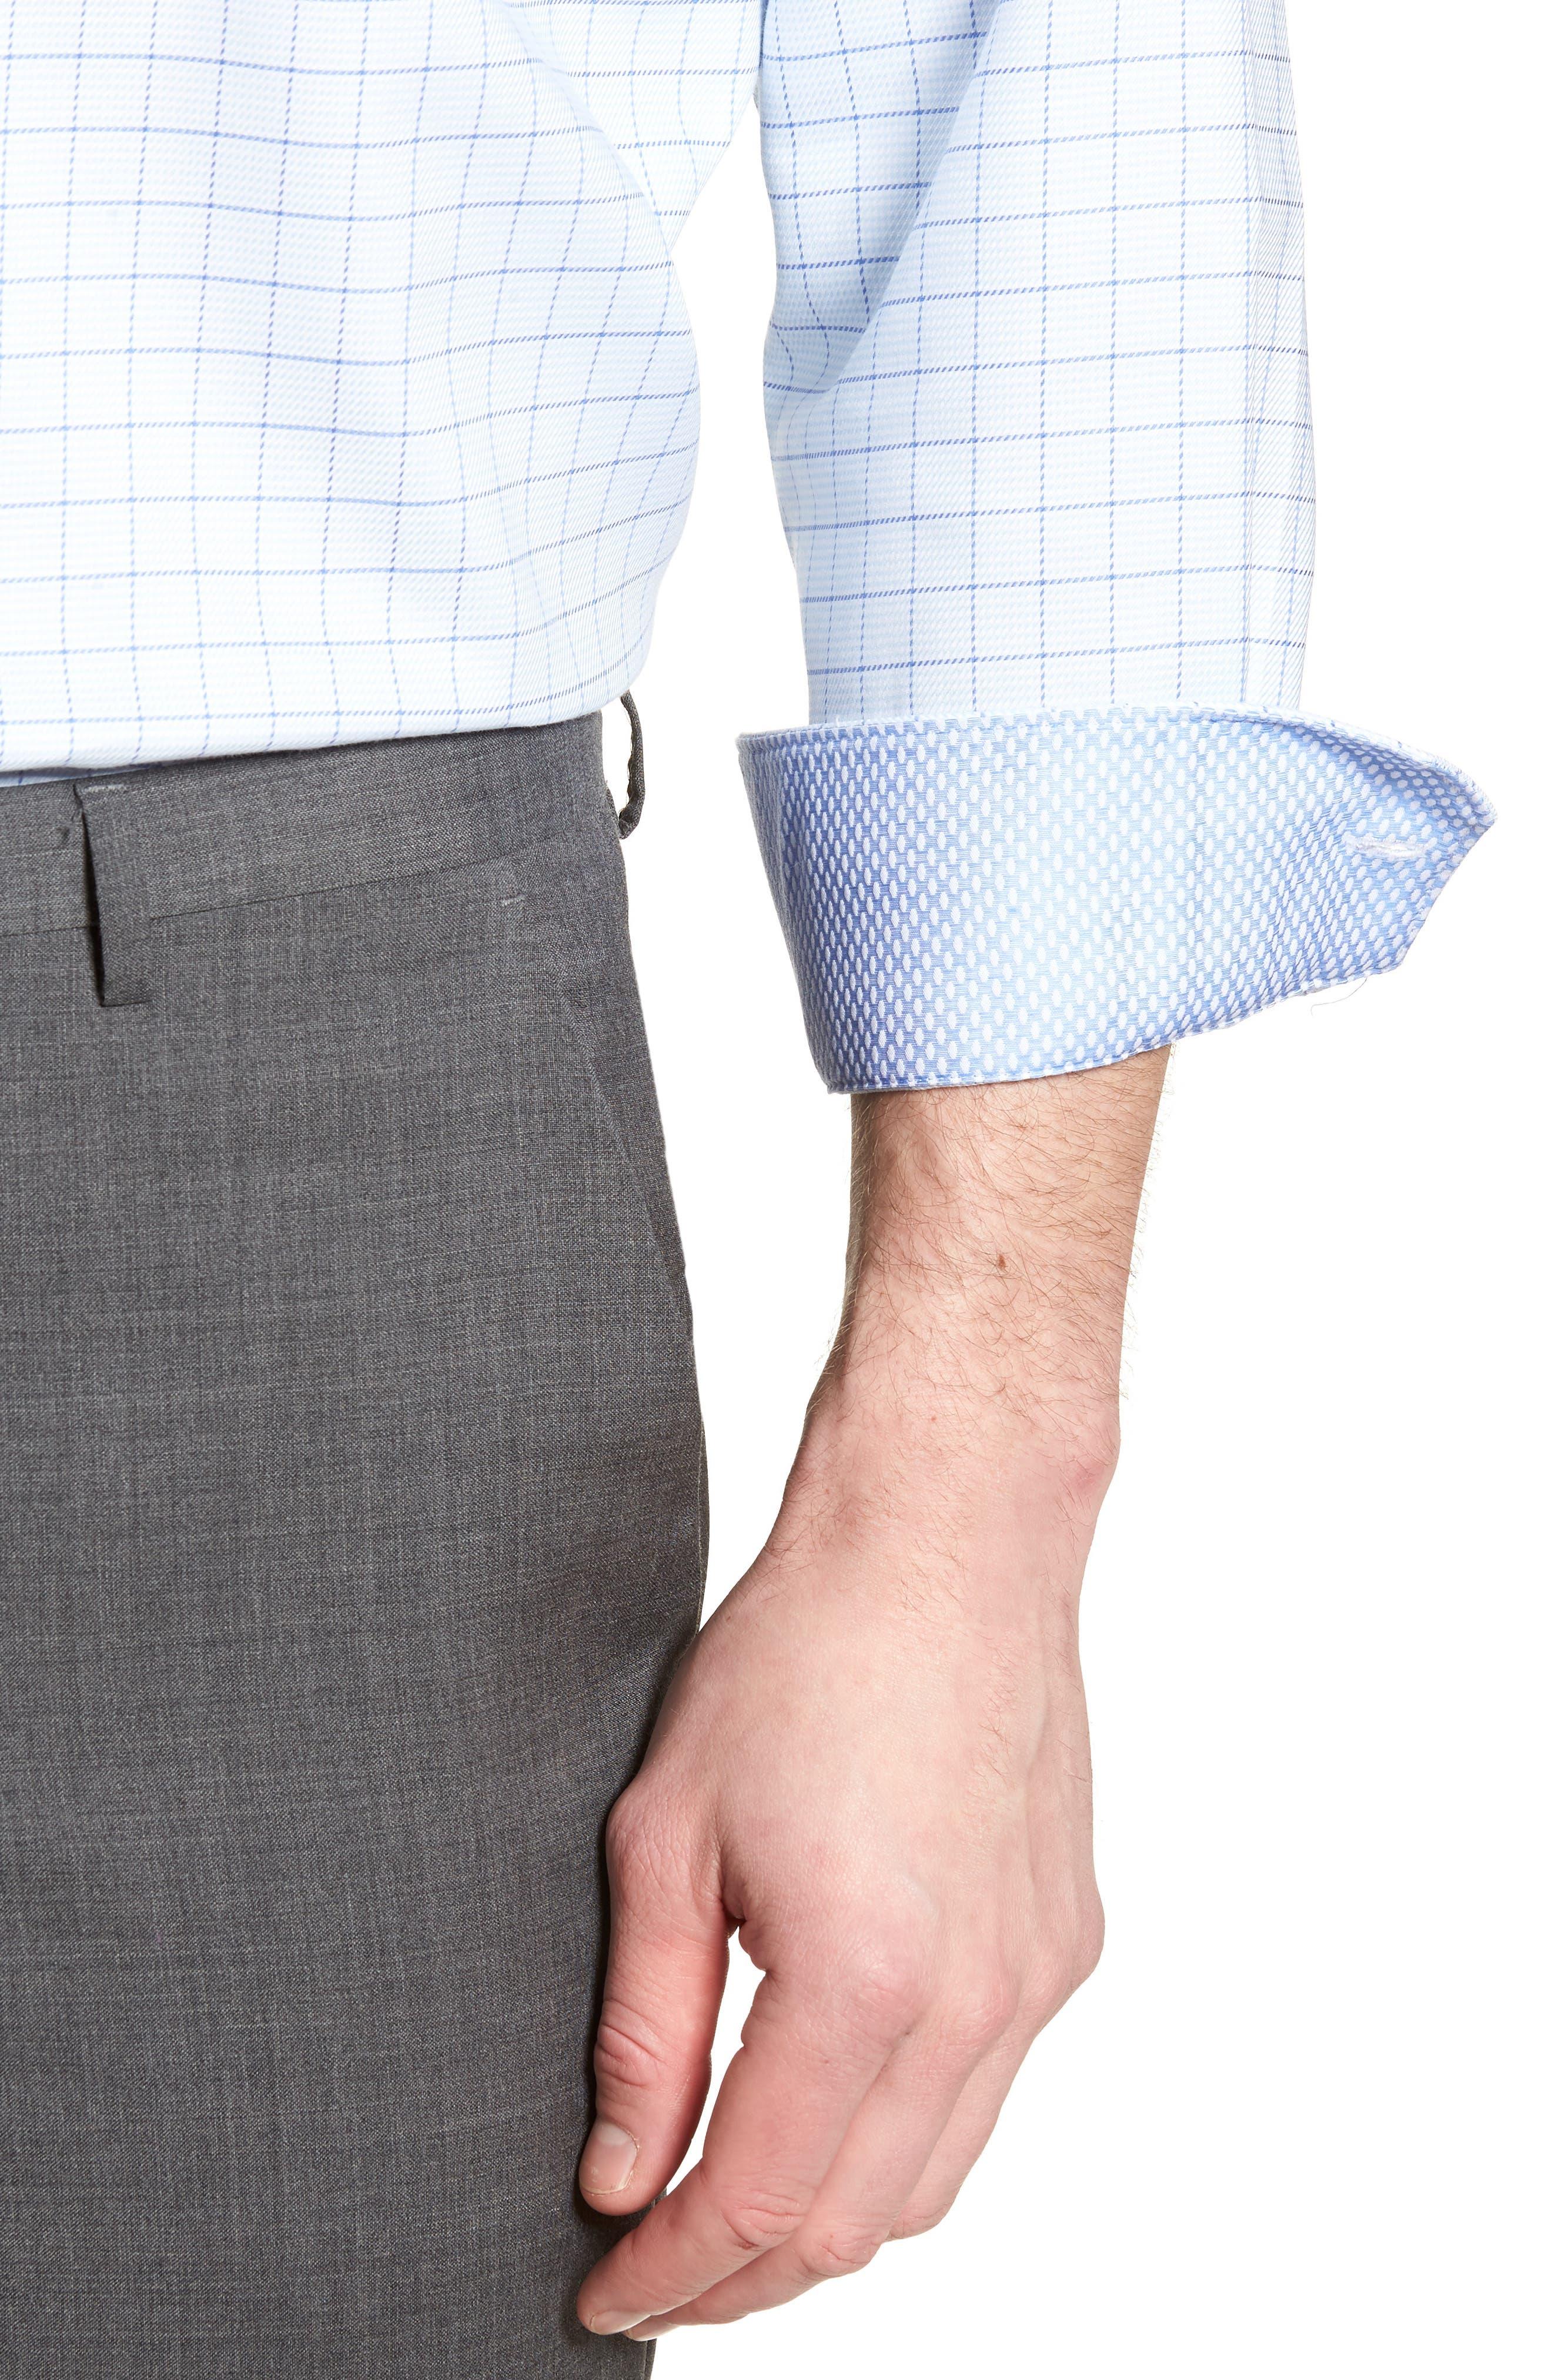 Alec Trim Fit Check Dress Shirt,                             Alternate thumbnail 2, color,                             Light Blue